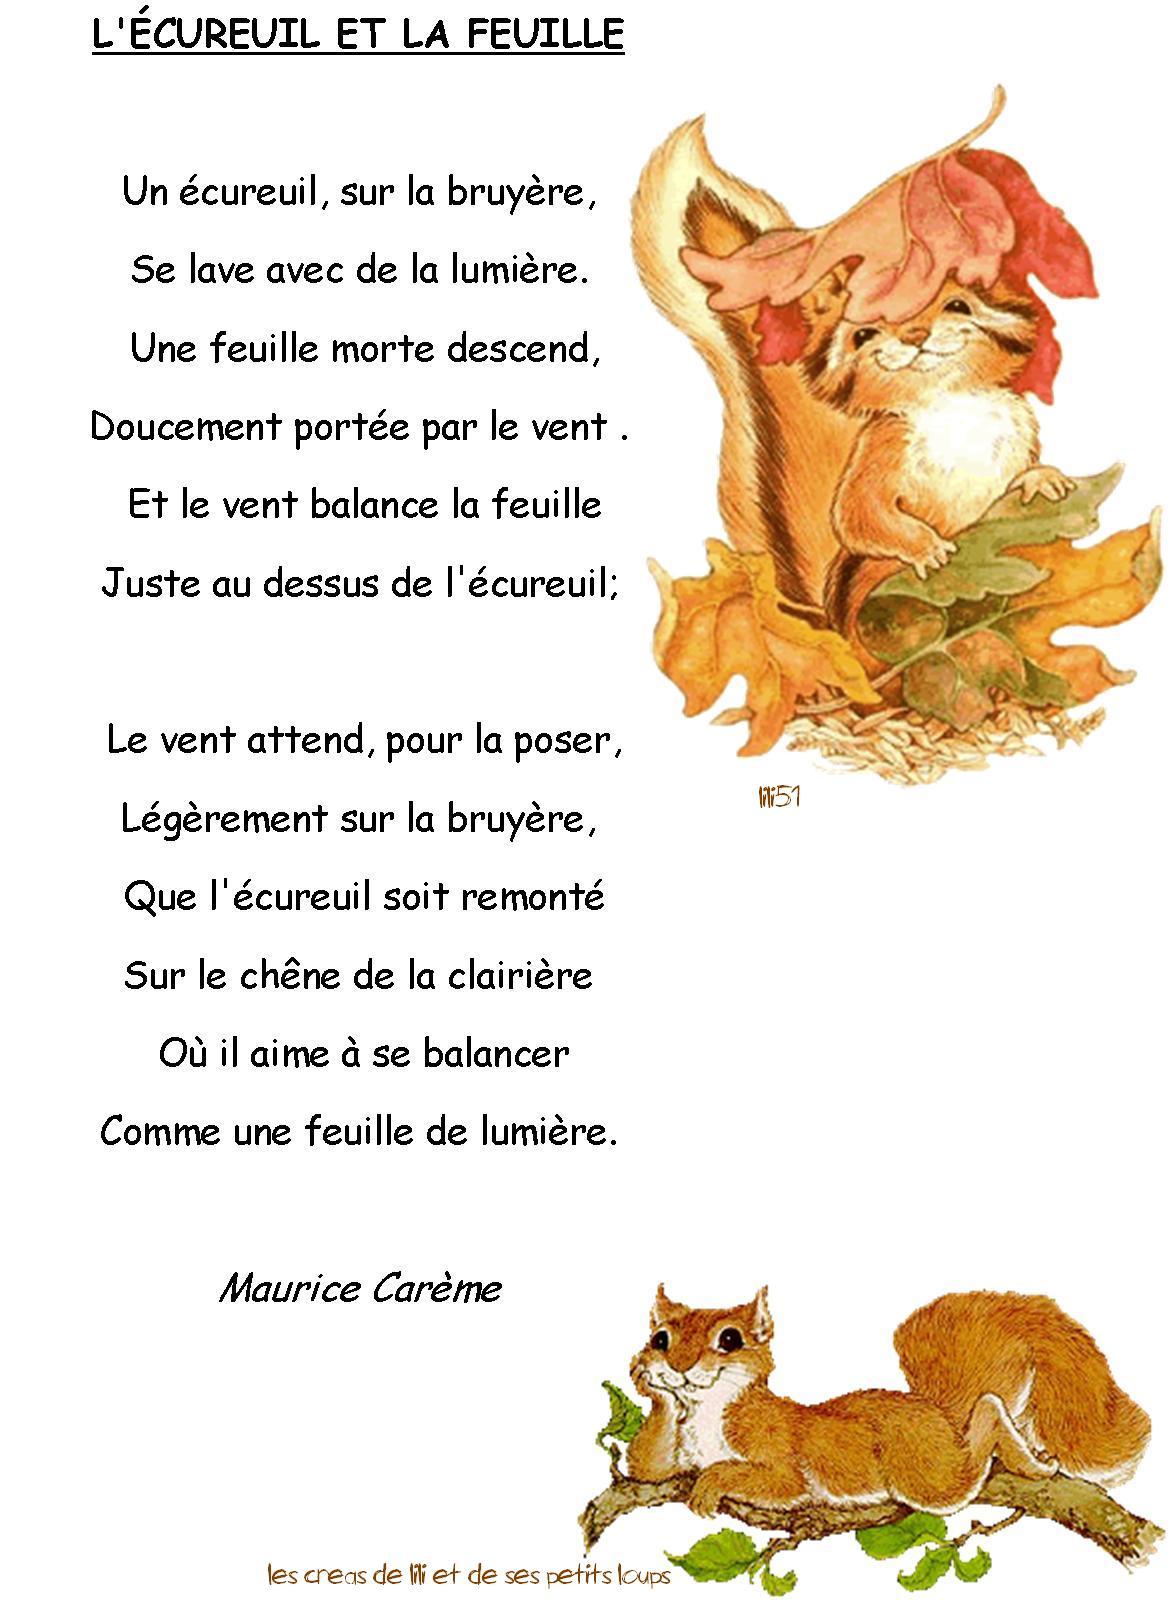 poeme l'ecureuil et la feuille